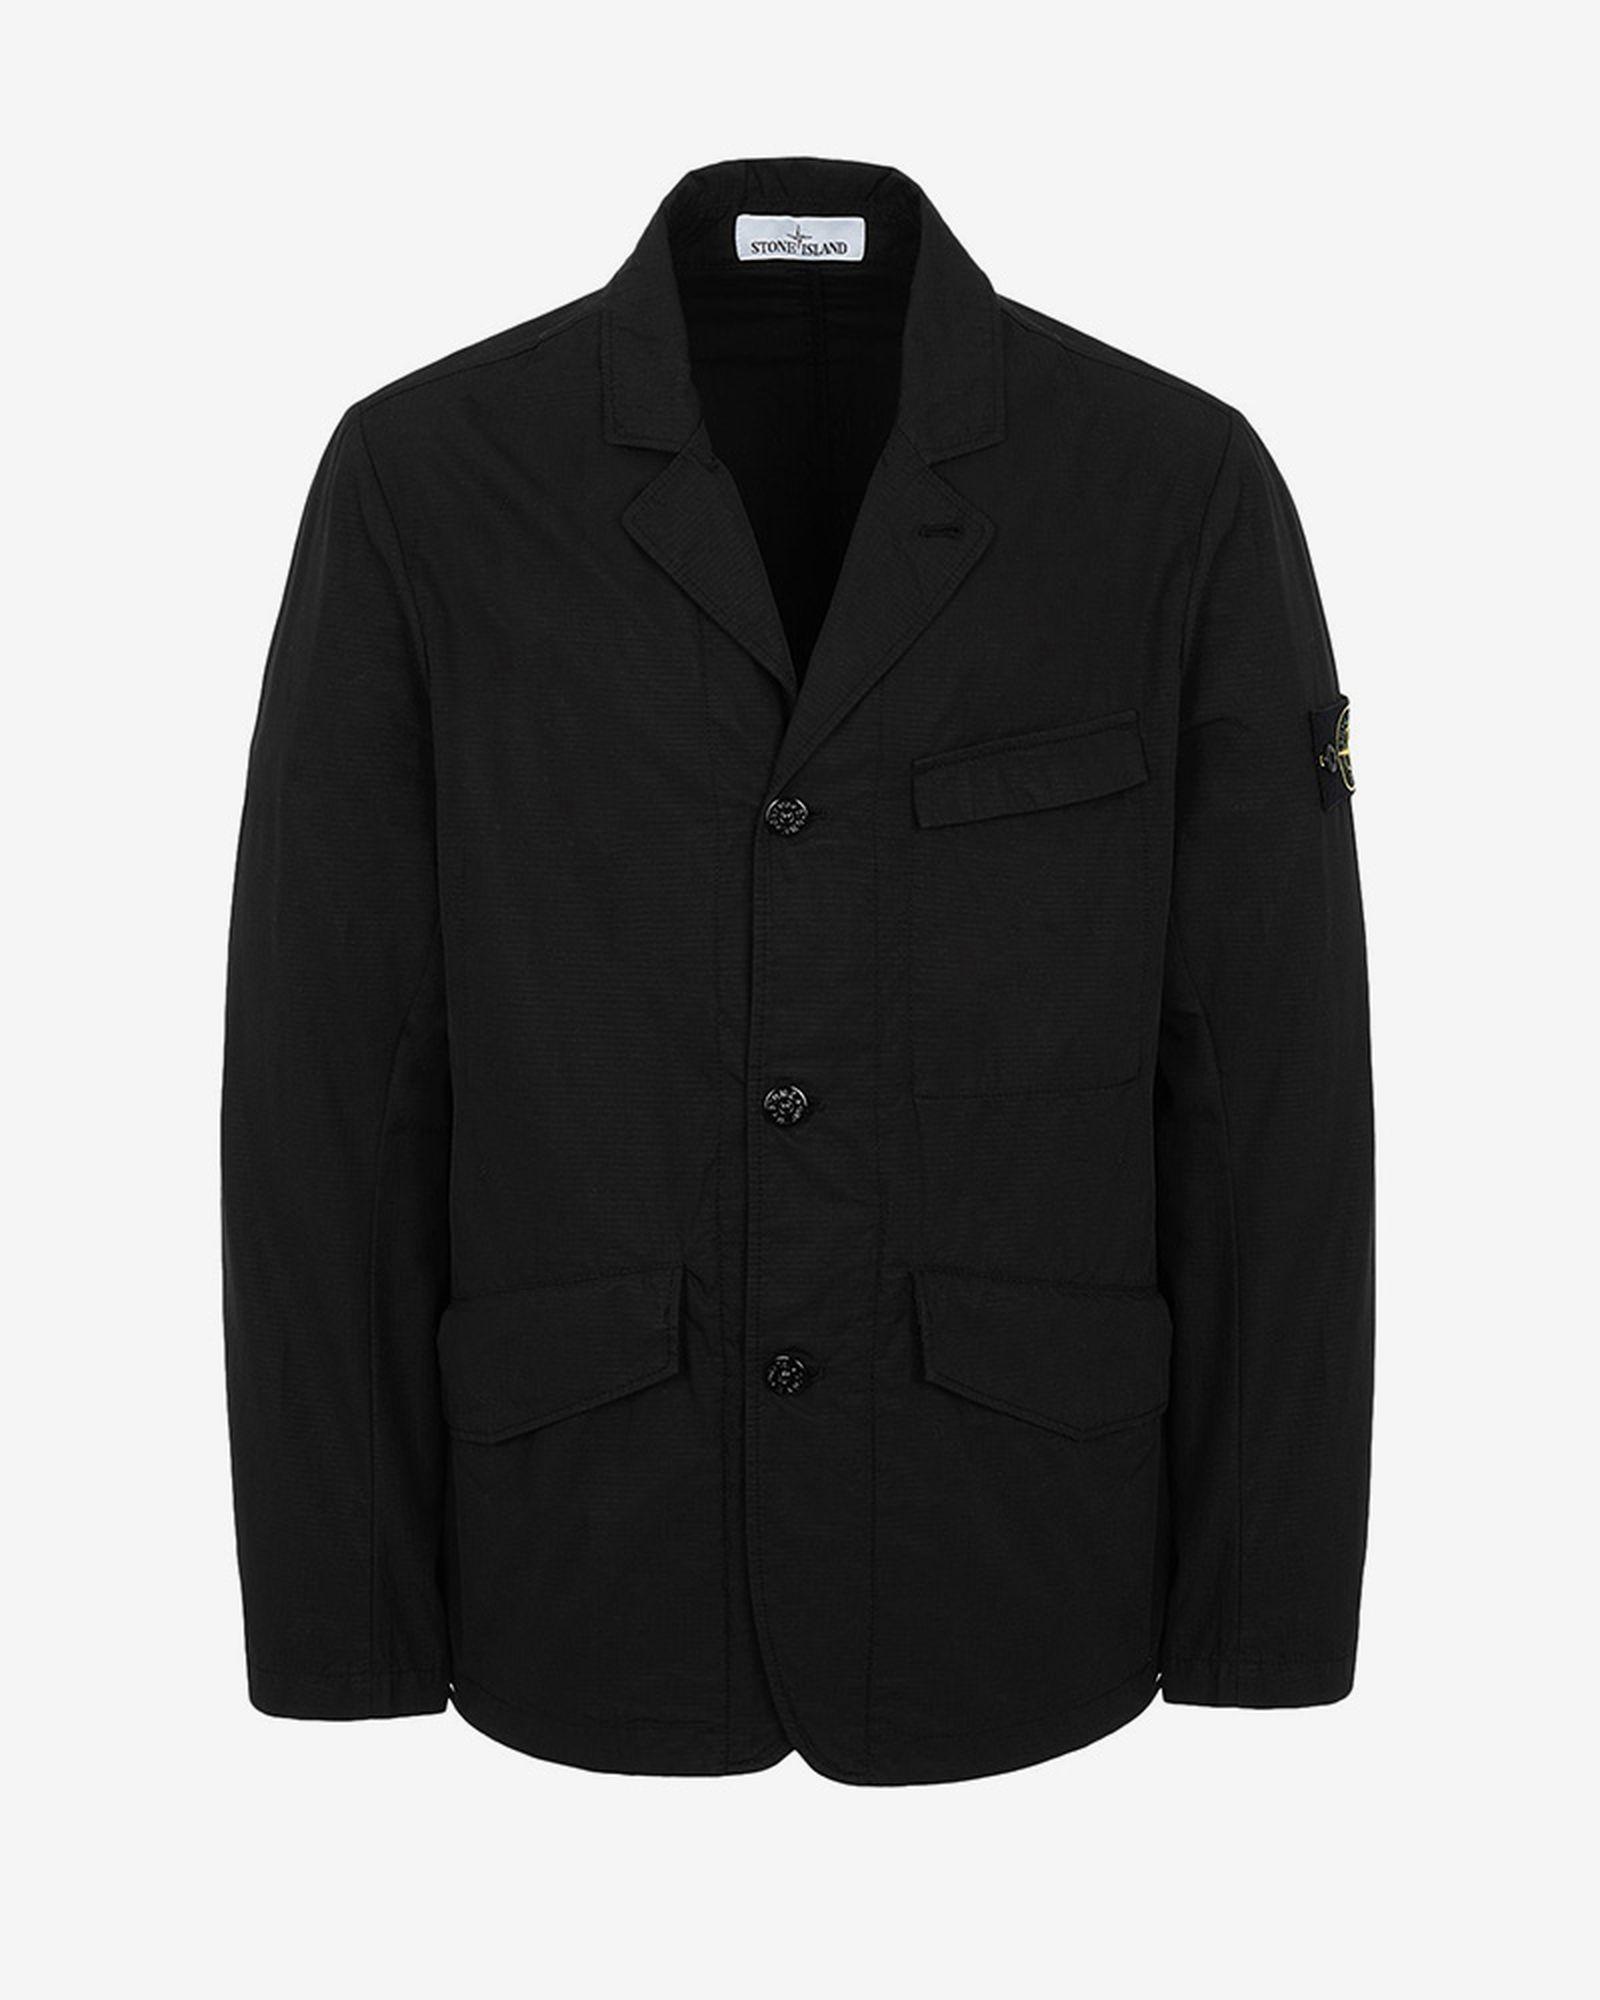 5stone island structured cotton blazer